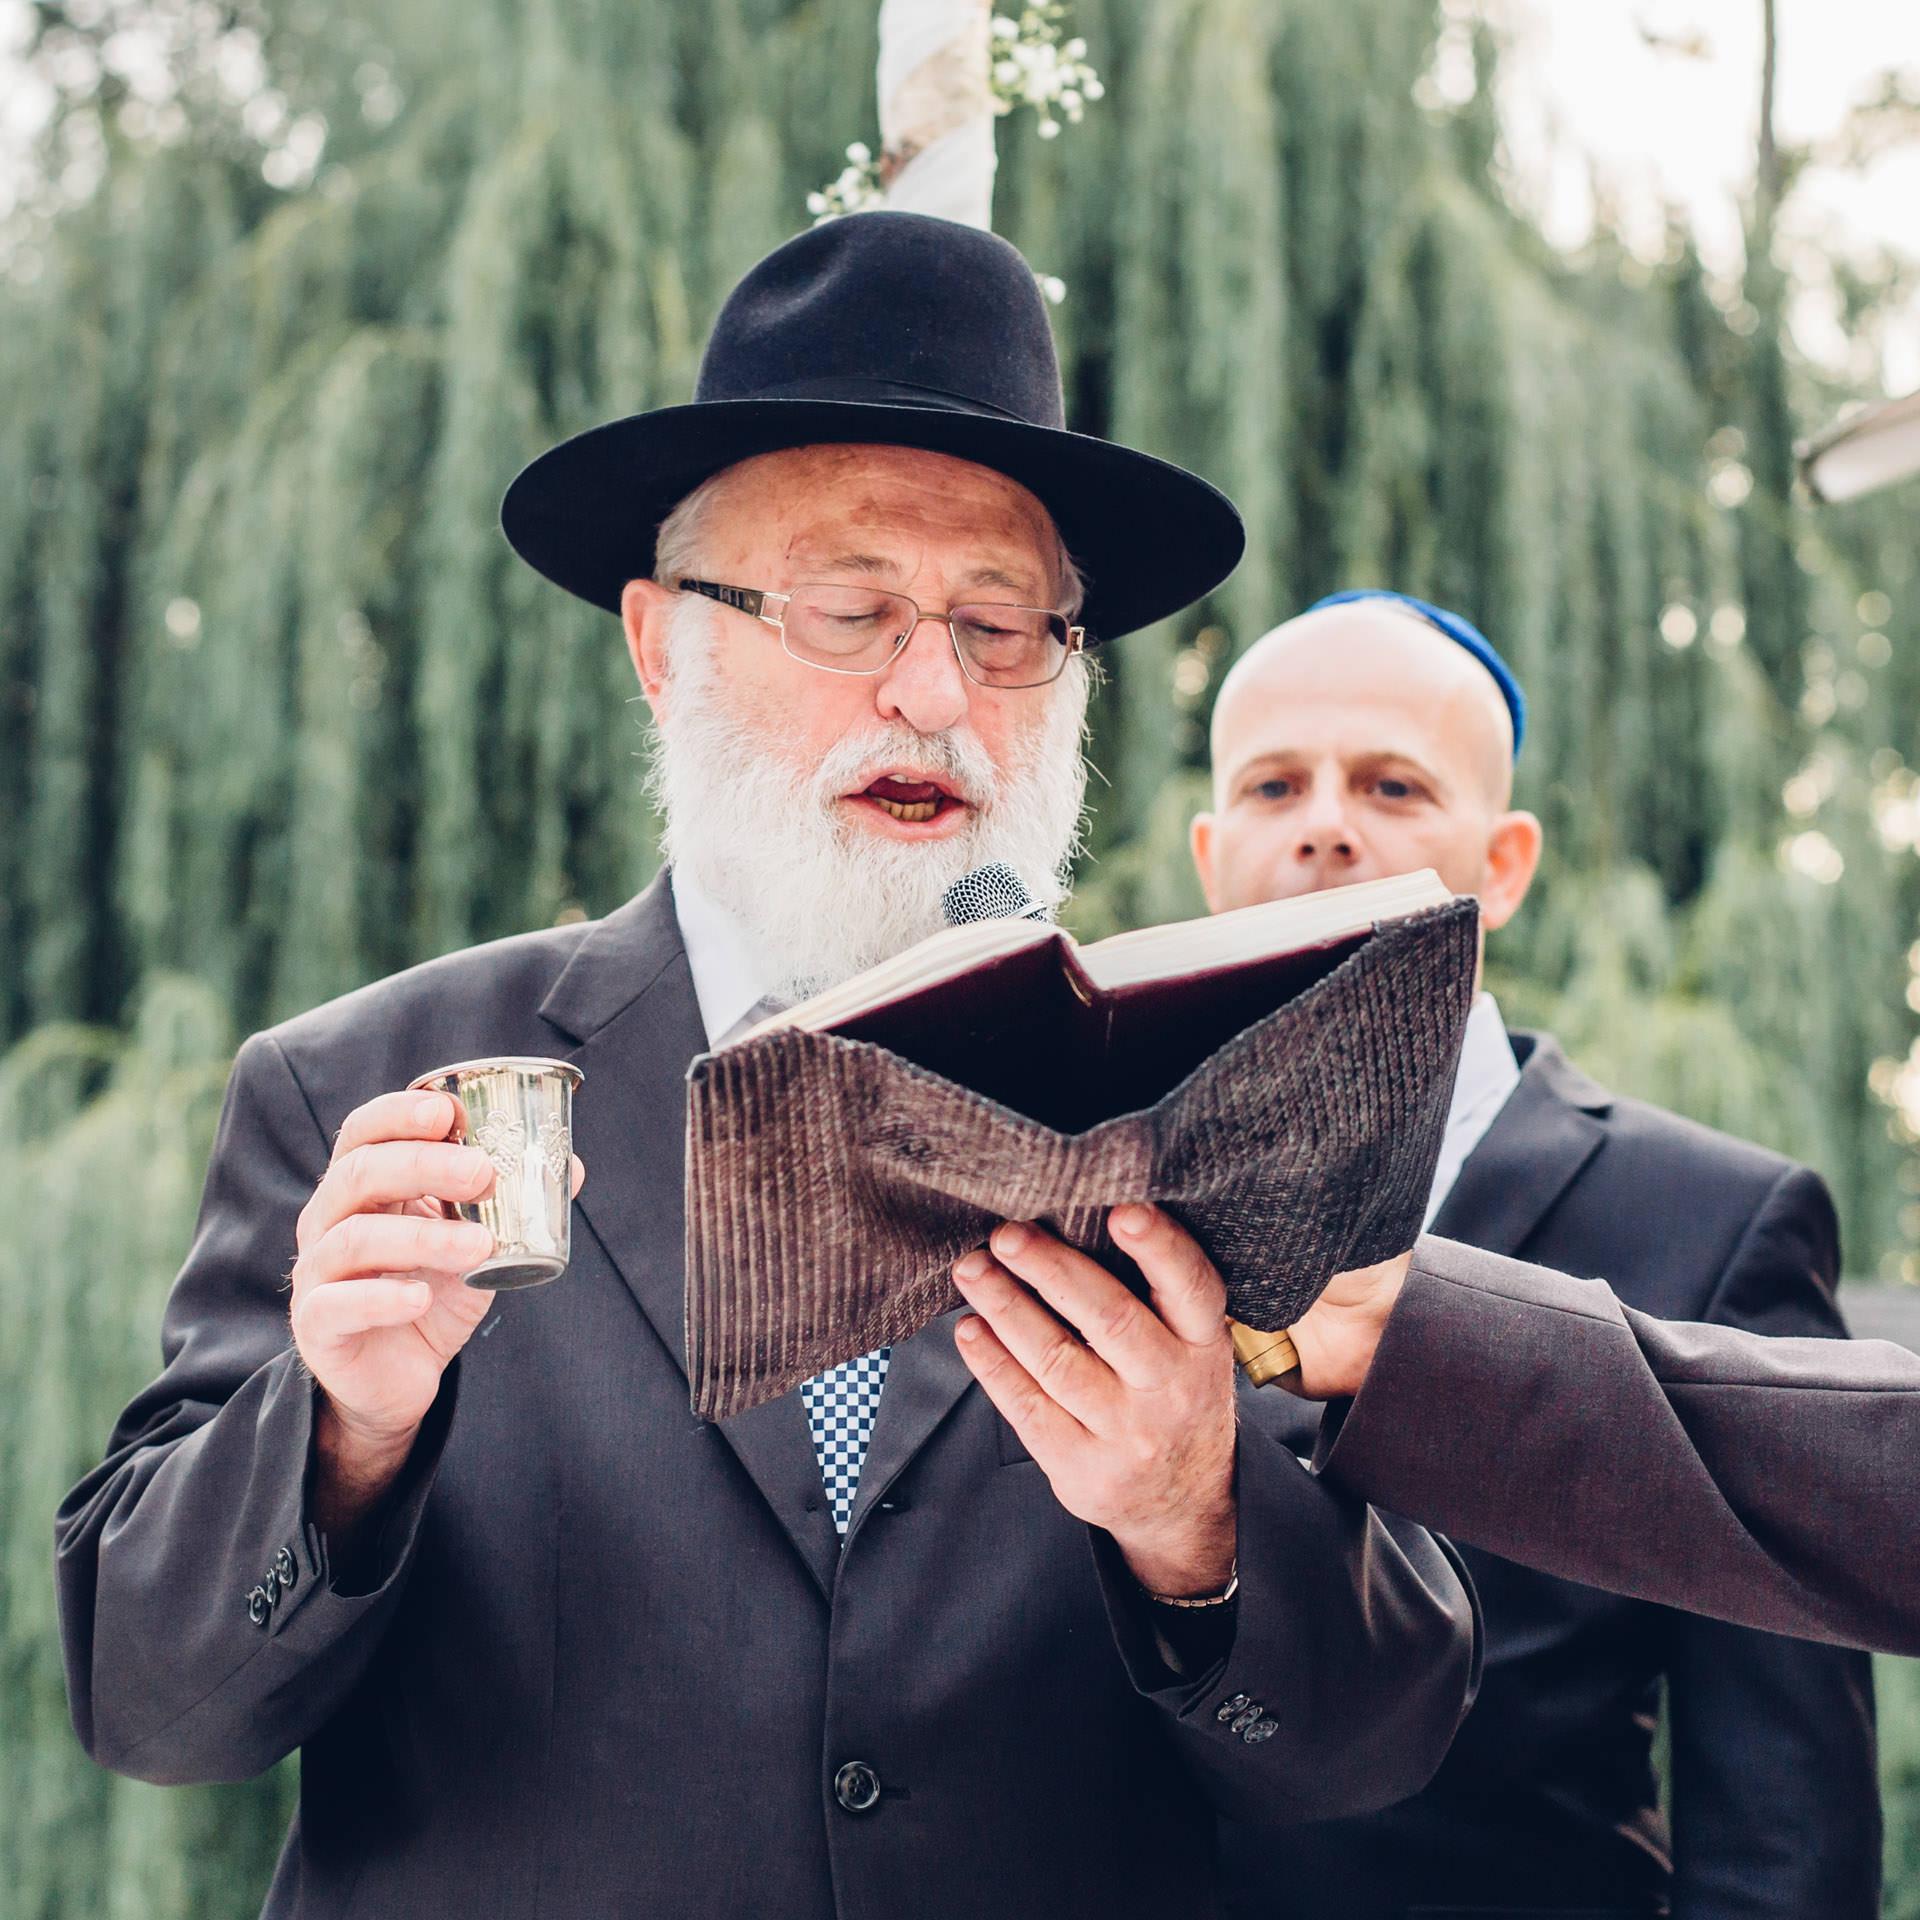 Rabbiner Hochzeit